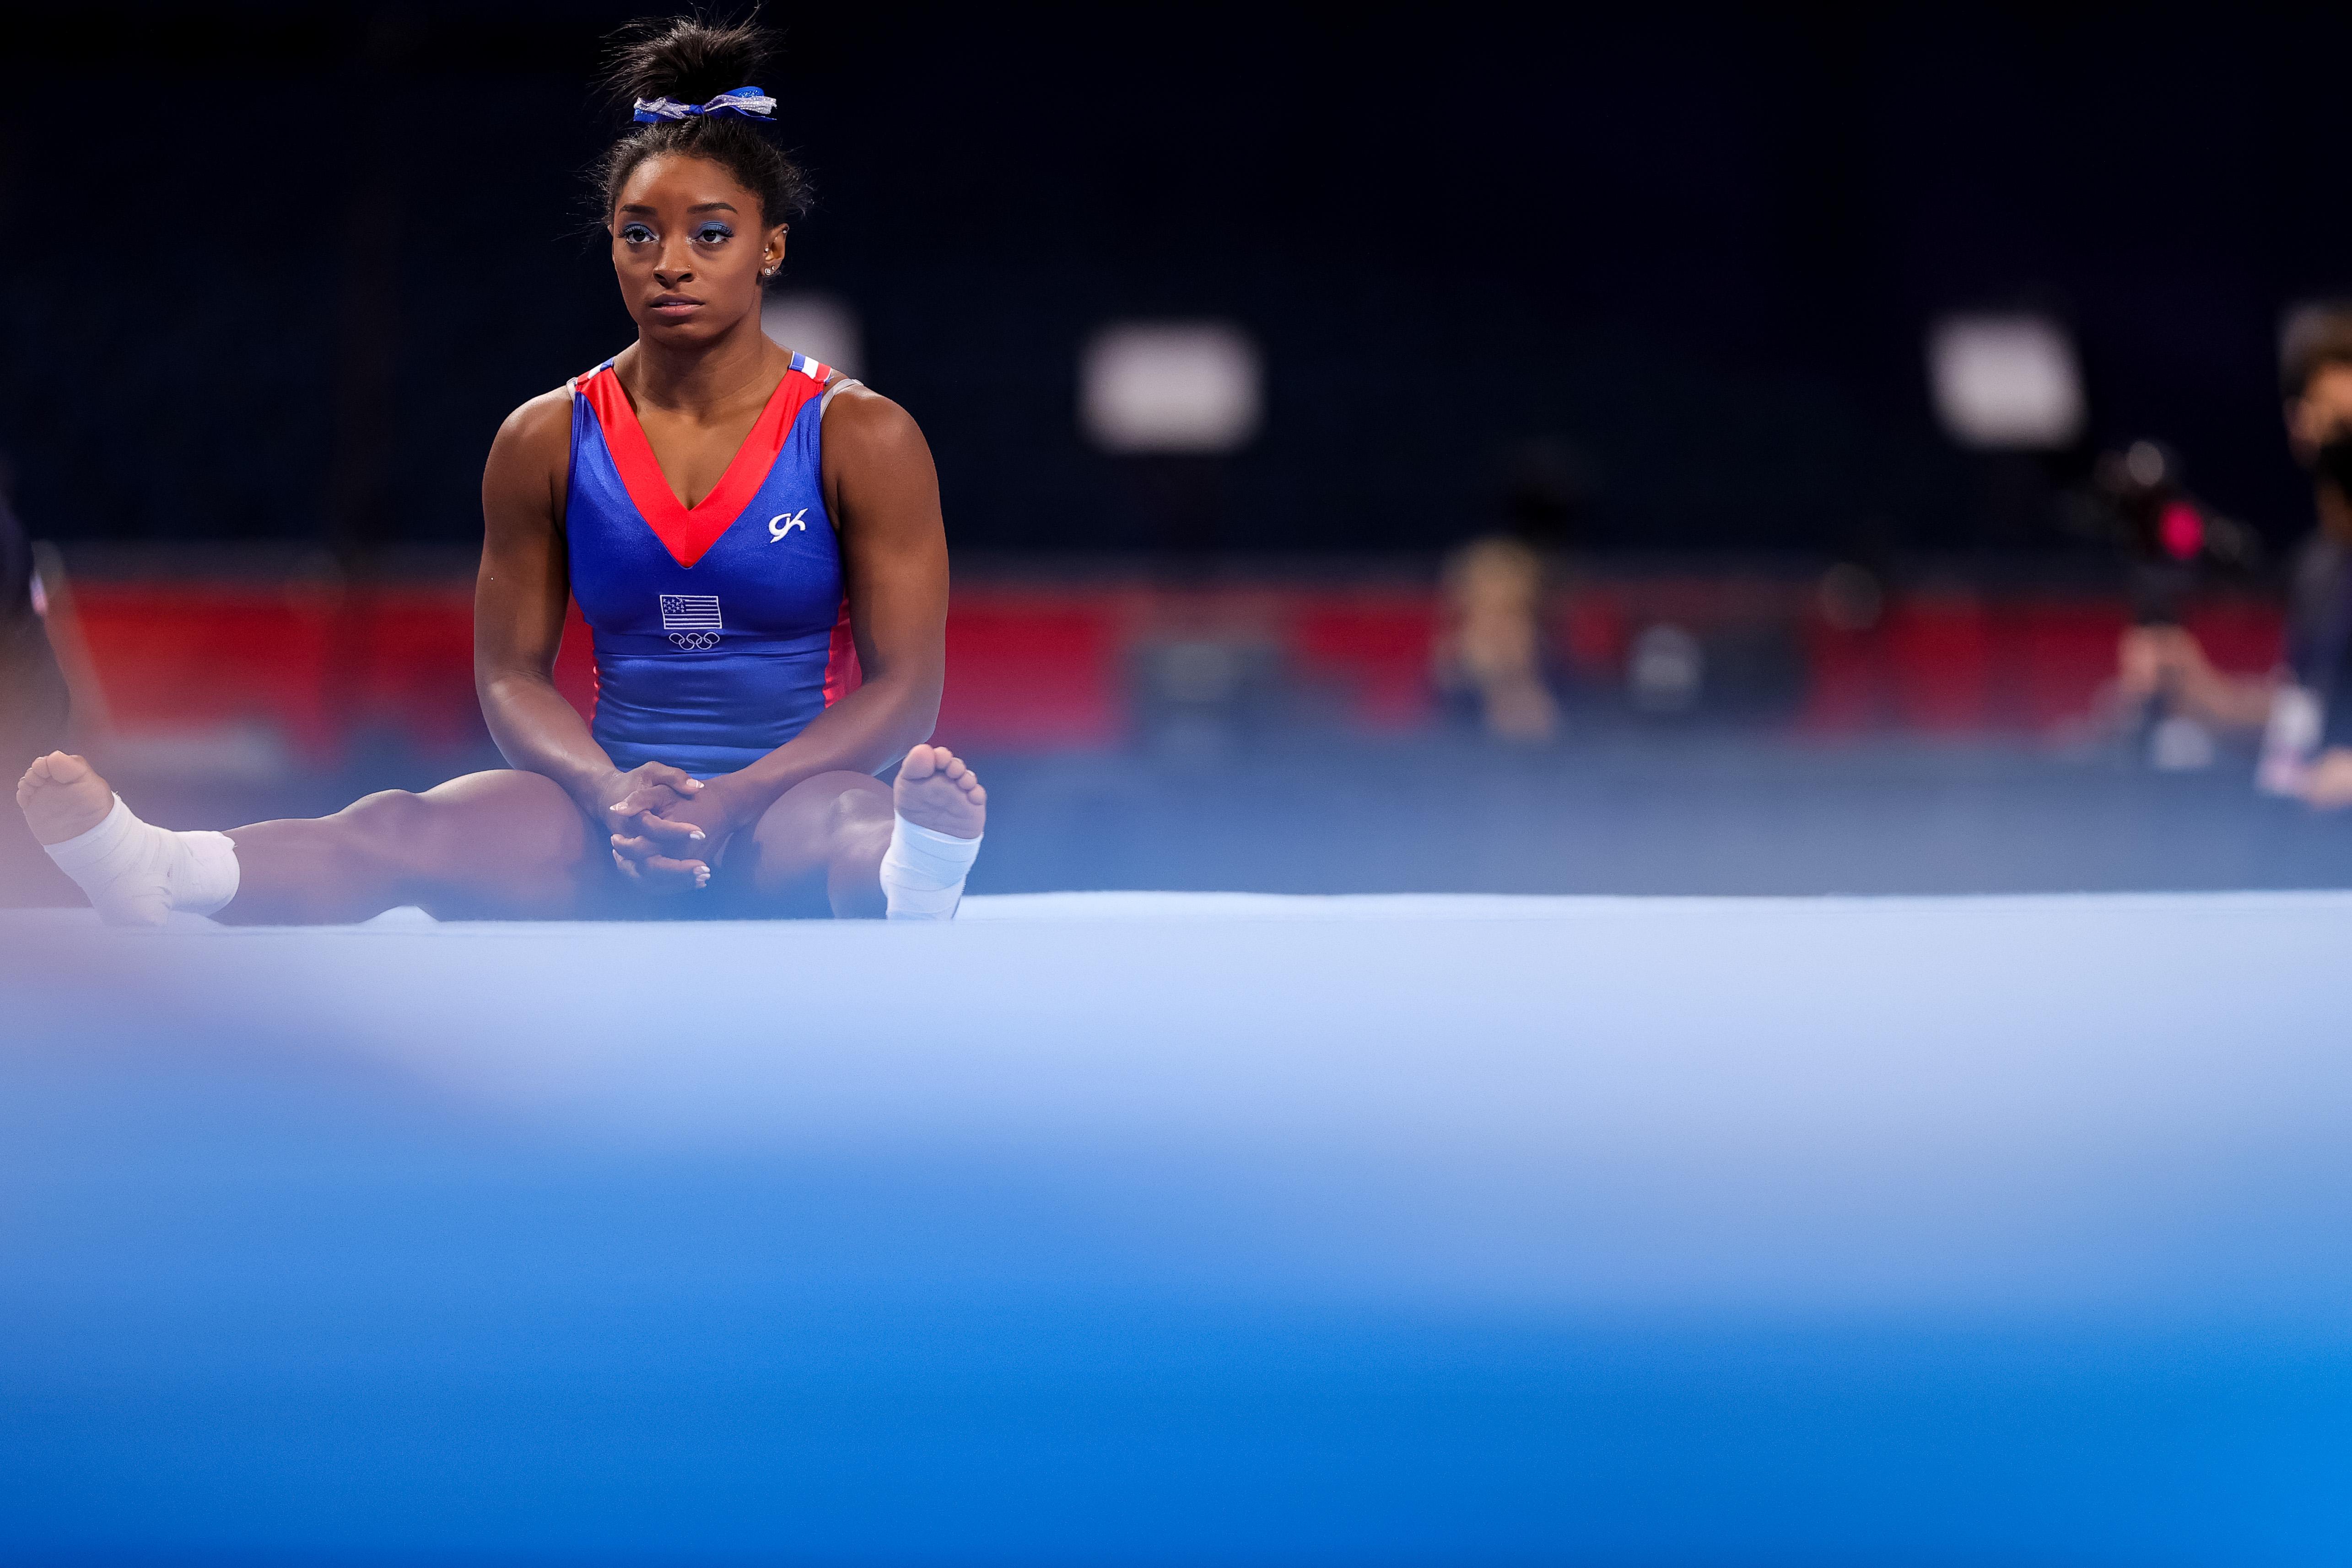 美国体操队核心人物拜尔斯。